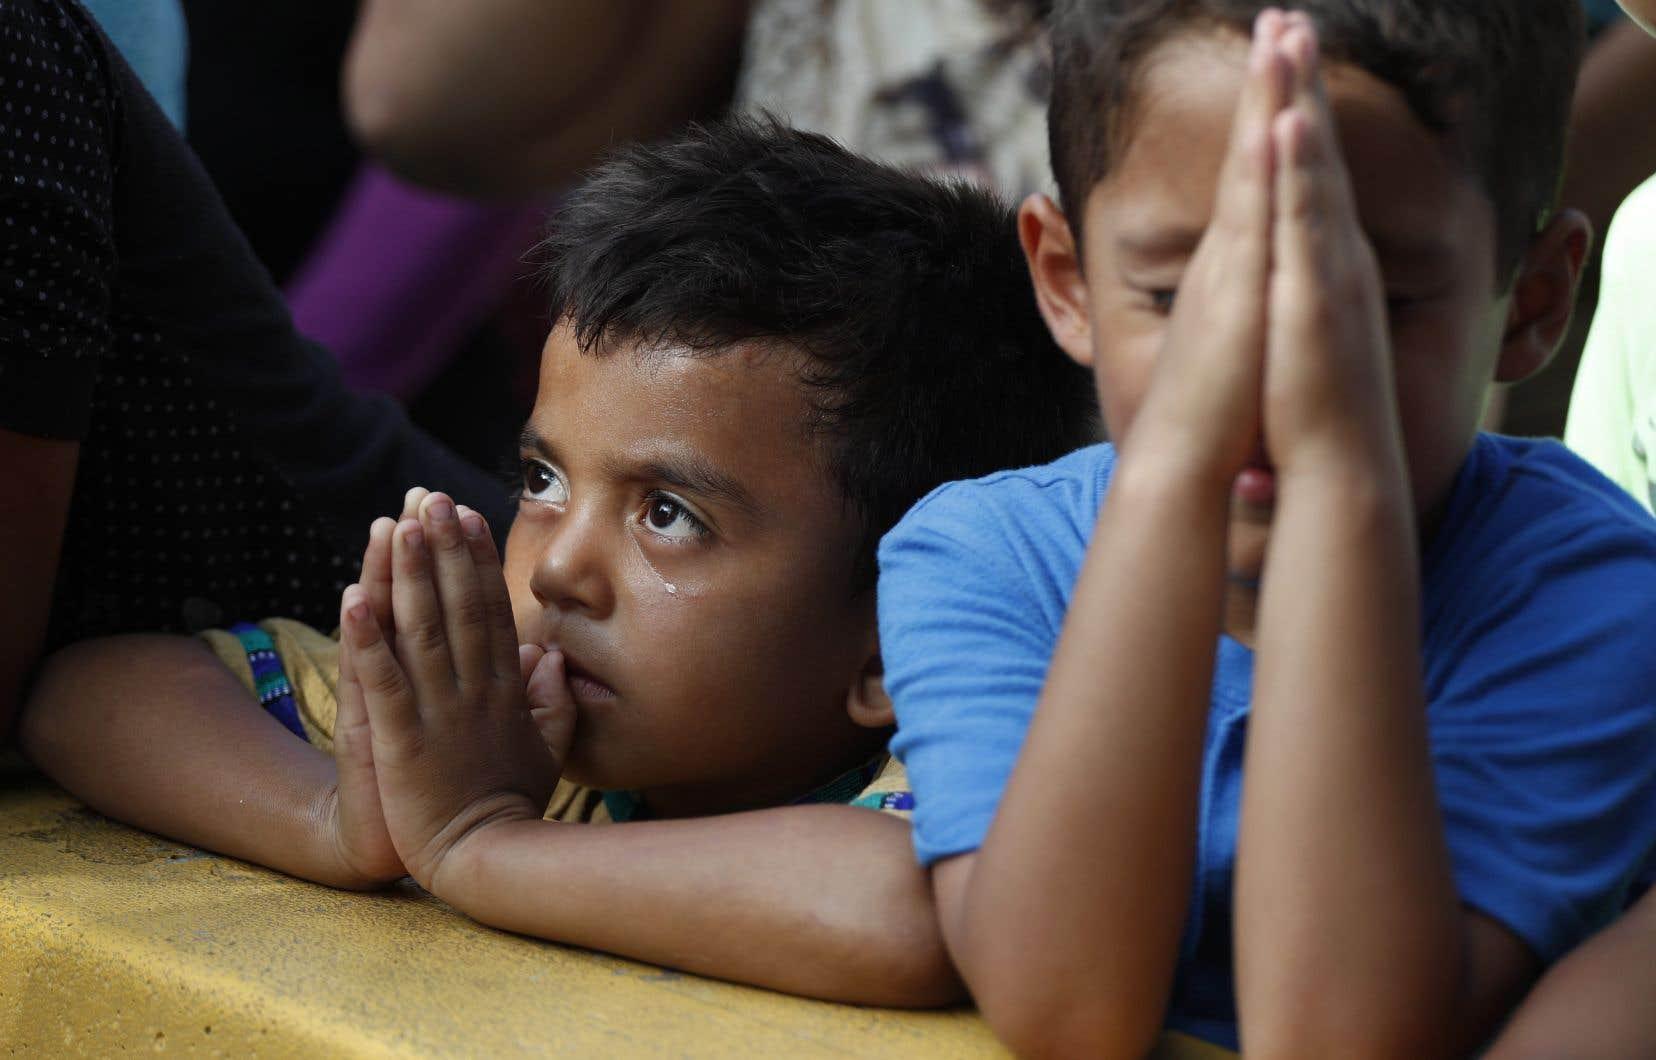 <p>Depuis plus d'un an, des milliers de personnesoriginaires d'Amérique centrale franchissent la frontière pour fuir laviolence et la misère dans leur pays.</p>